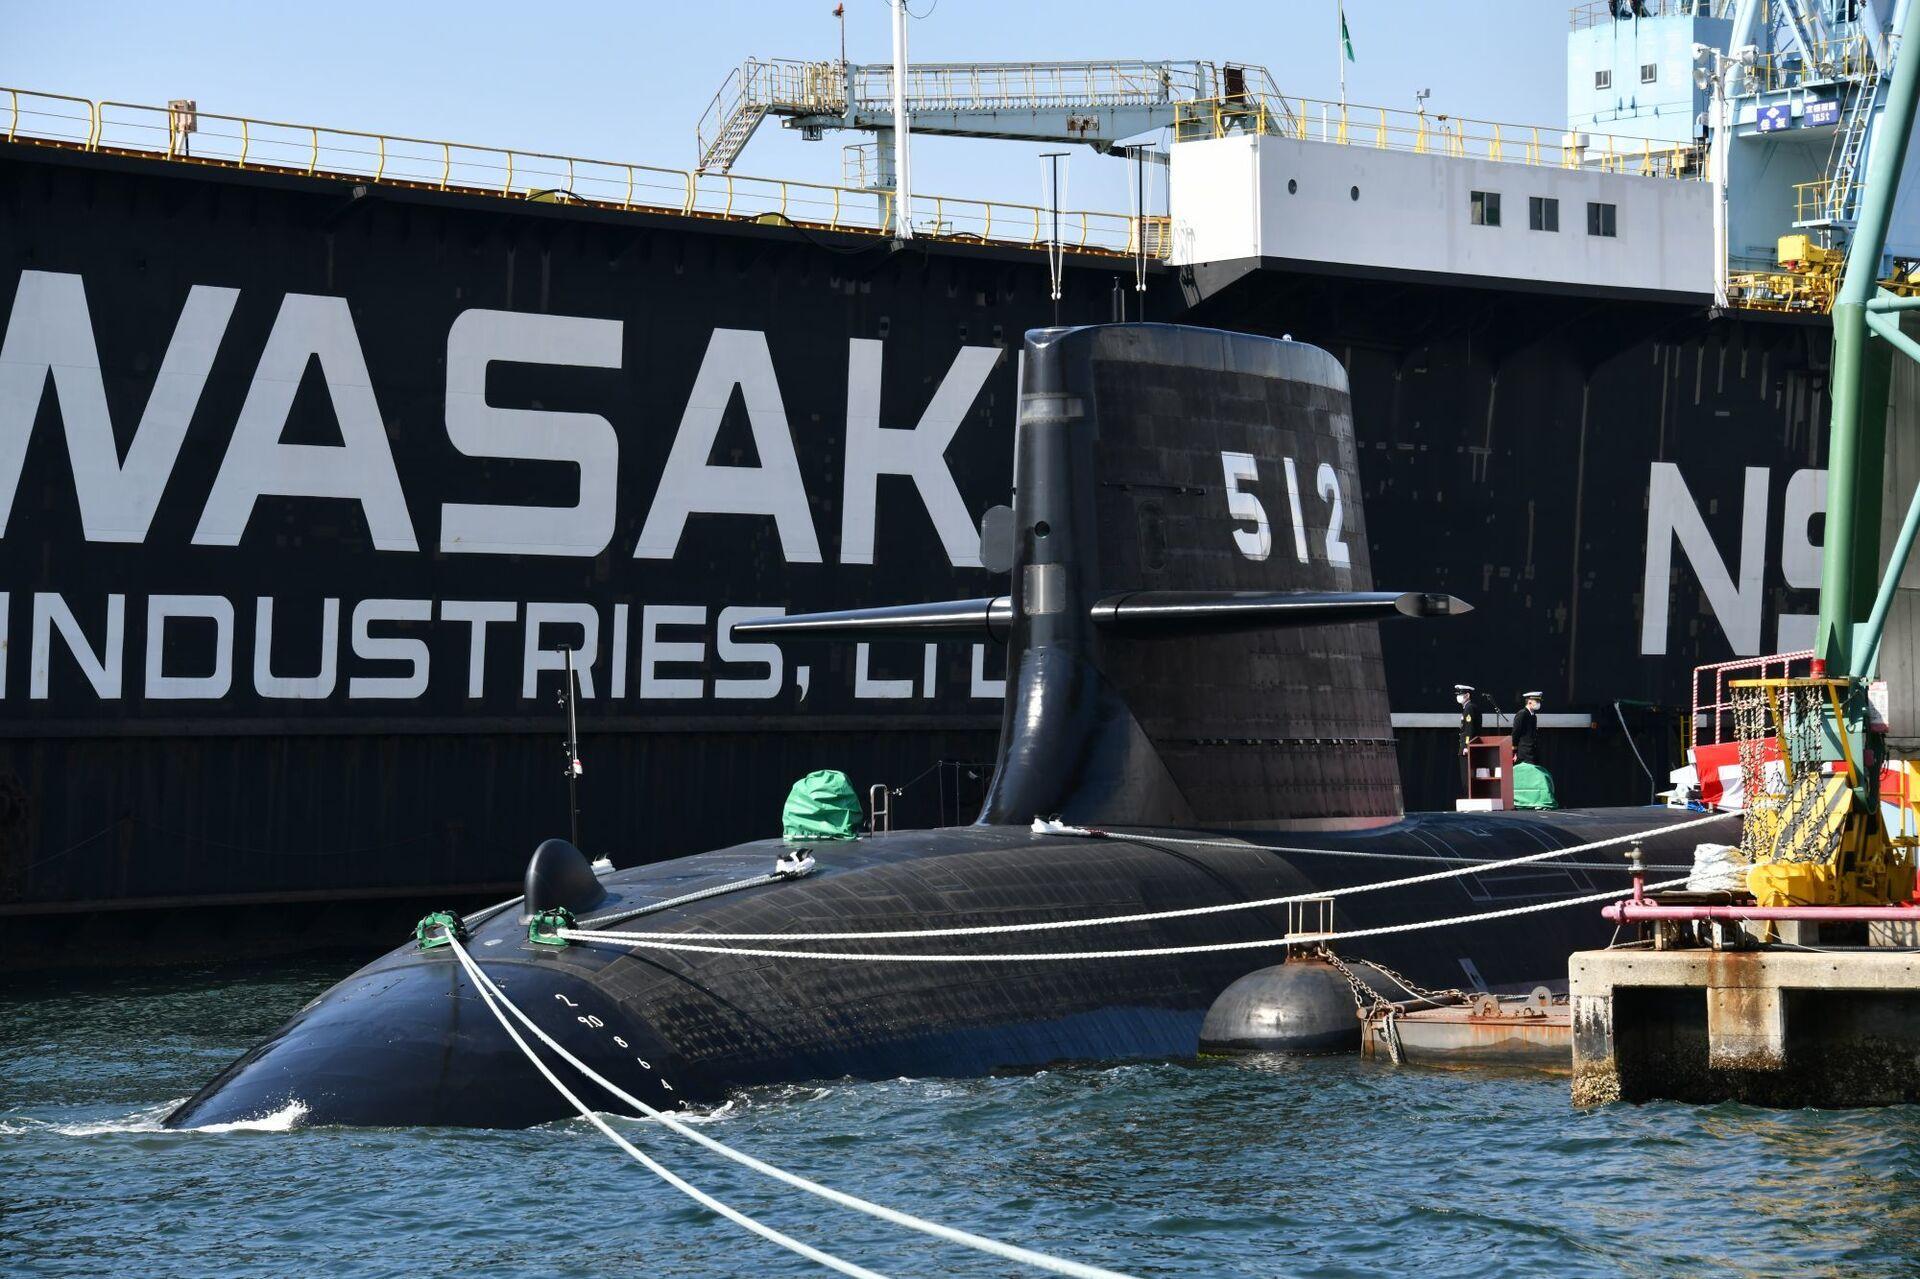 Nhật Bản chế tạo tàu phá băng nhằm mục đích gì? - Sputnik Việt Nam, 1920, 21.04.2021